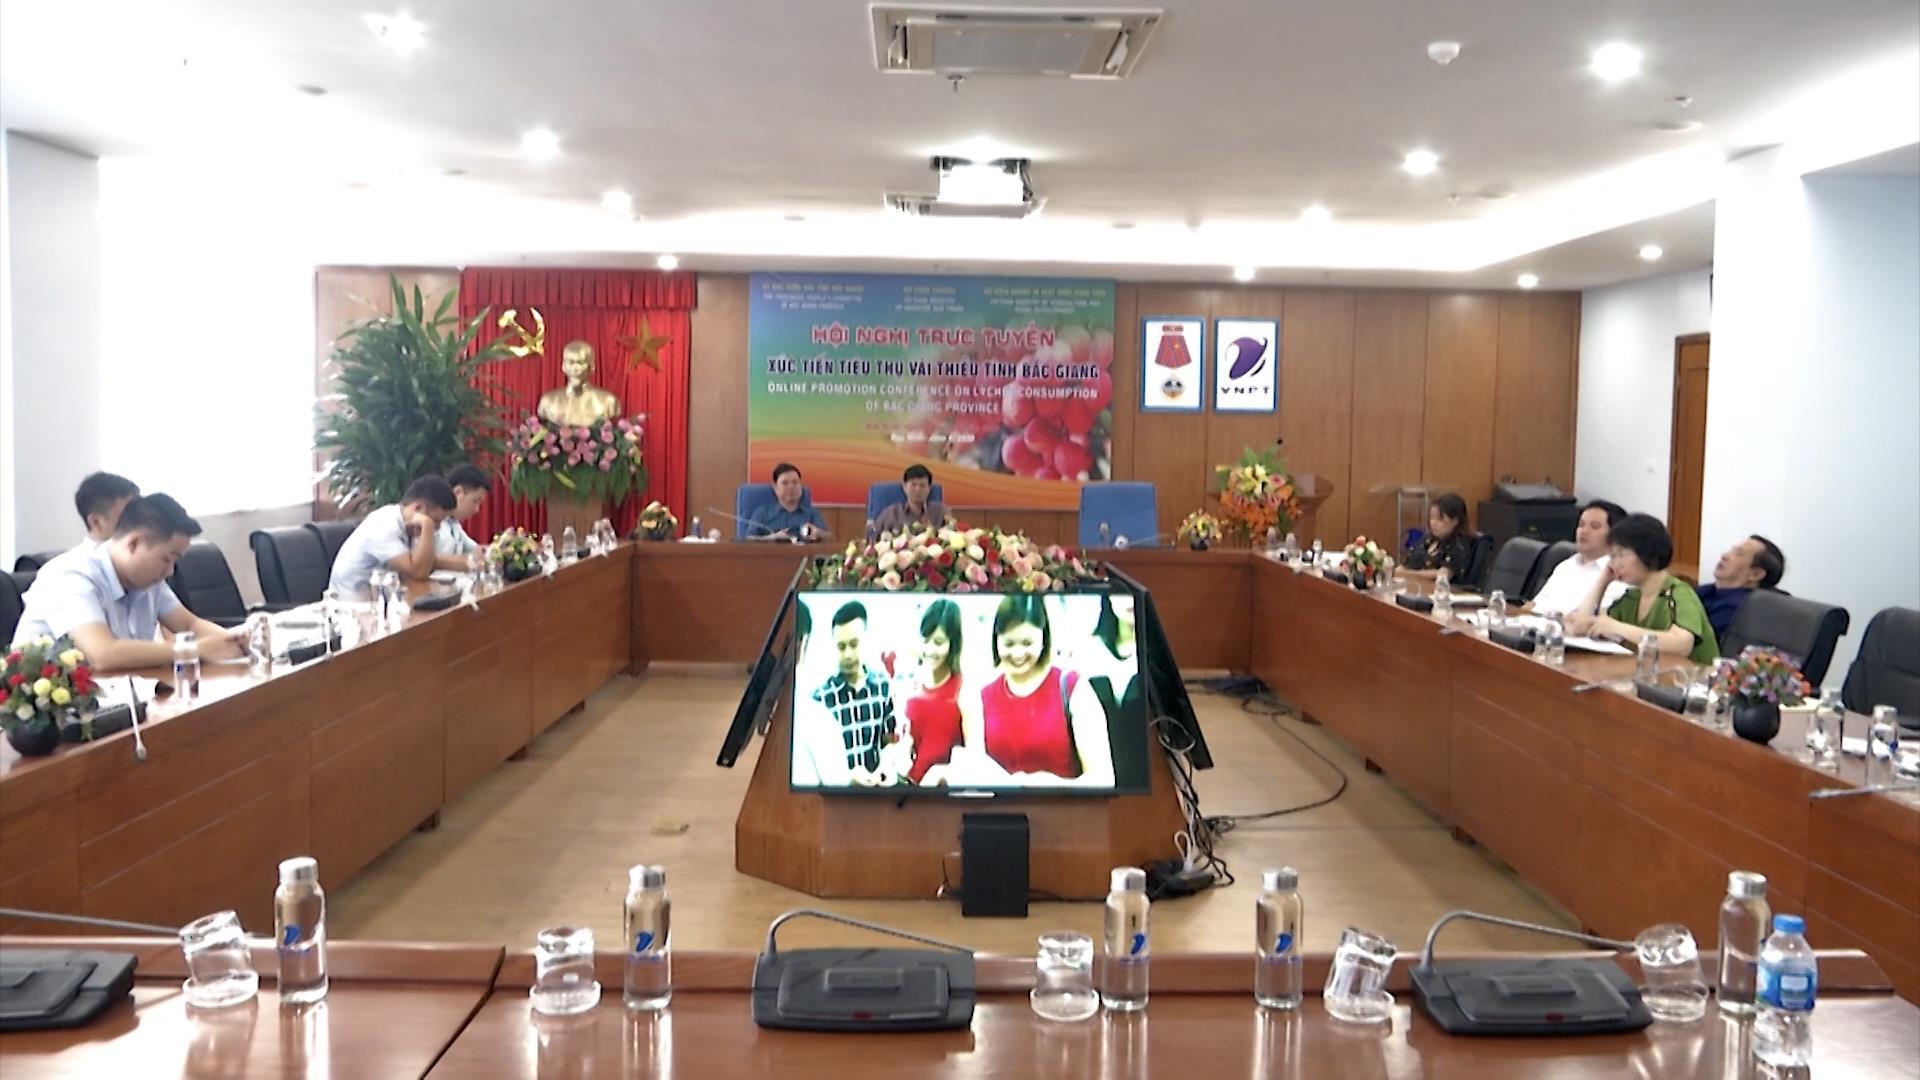 Hội nghị trực tuyến xúc tiến tiêu thụ vải thiều trong và ngoài nước